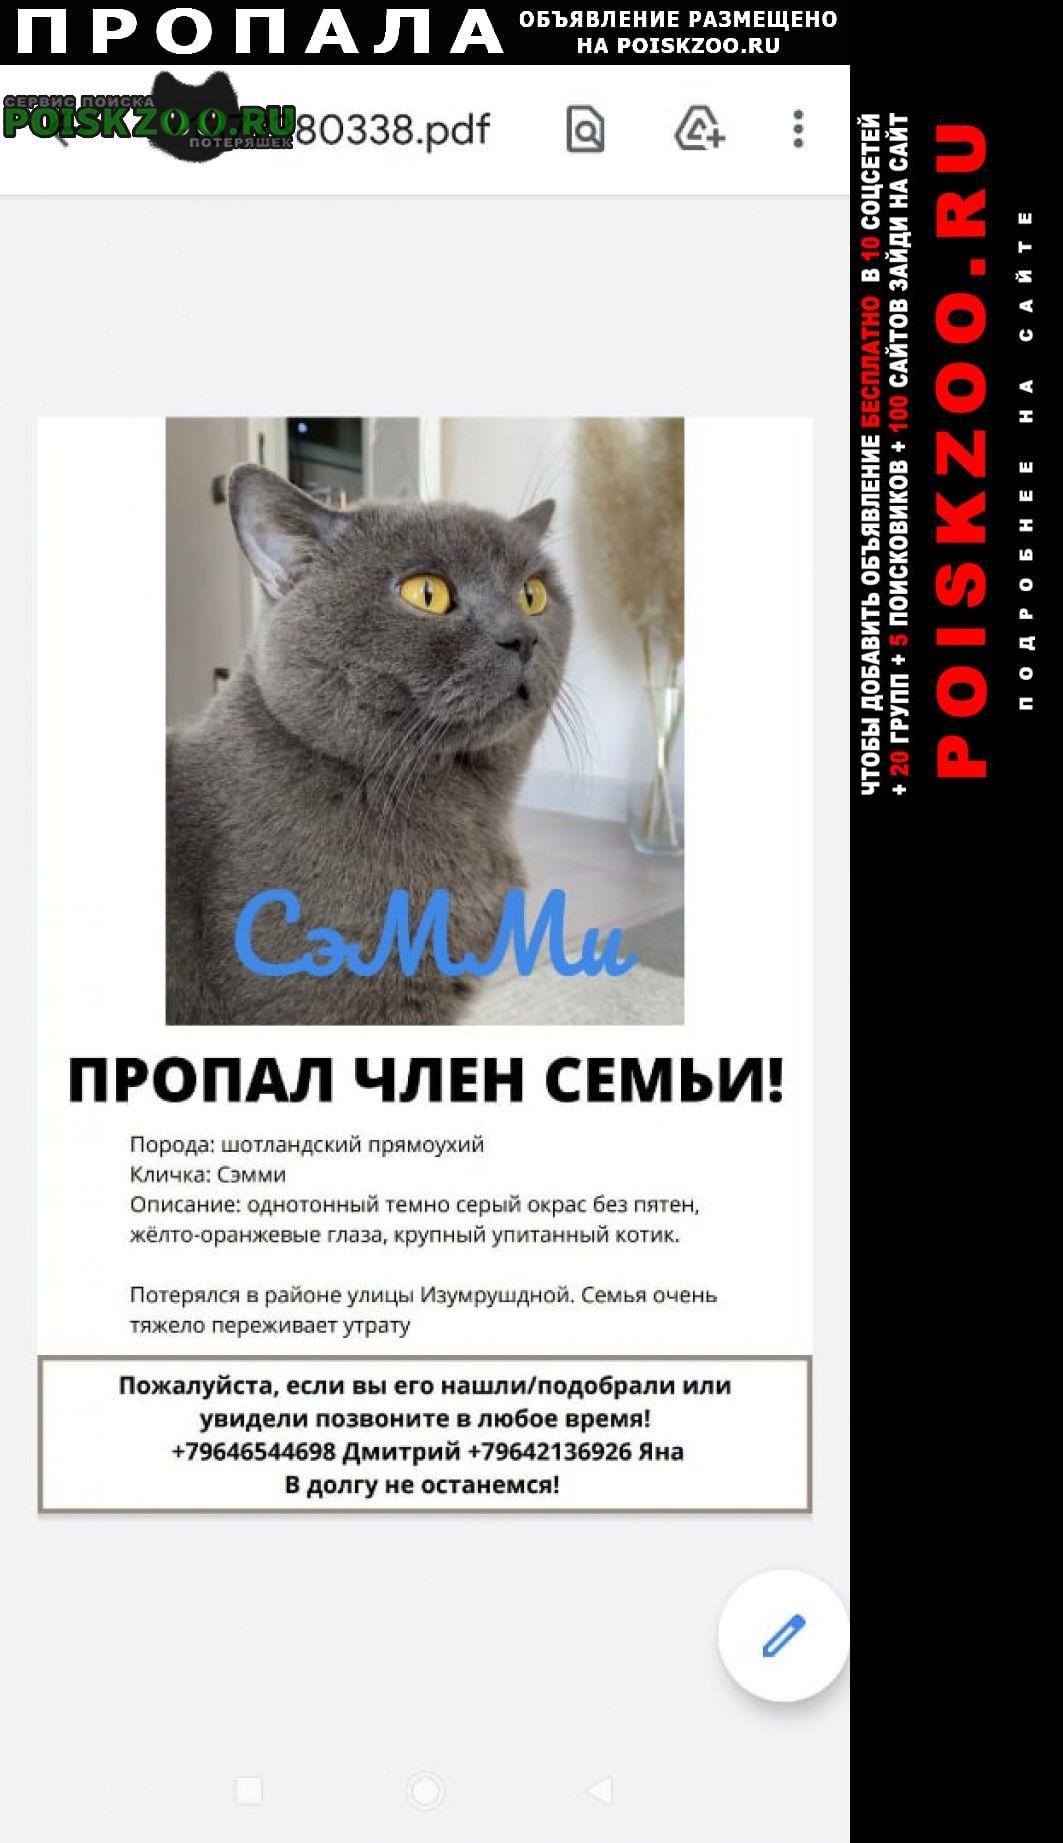 Пропал кот сэмми потерял. дом его ищут хозяева. Адлер